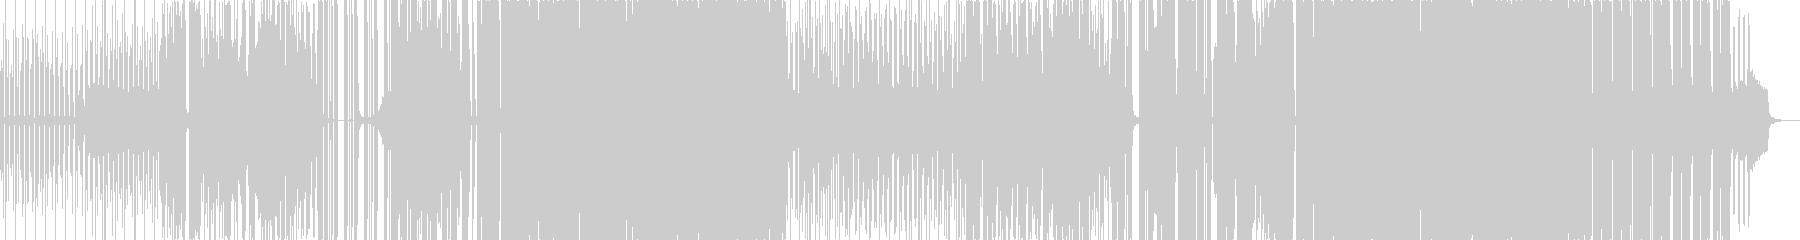 沖縄民謡「べーべーぬ草刈いが」カバーの未再生の波形